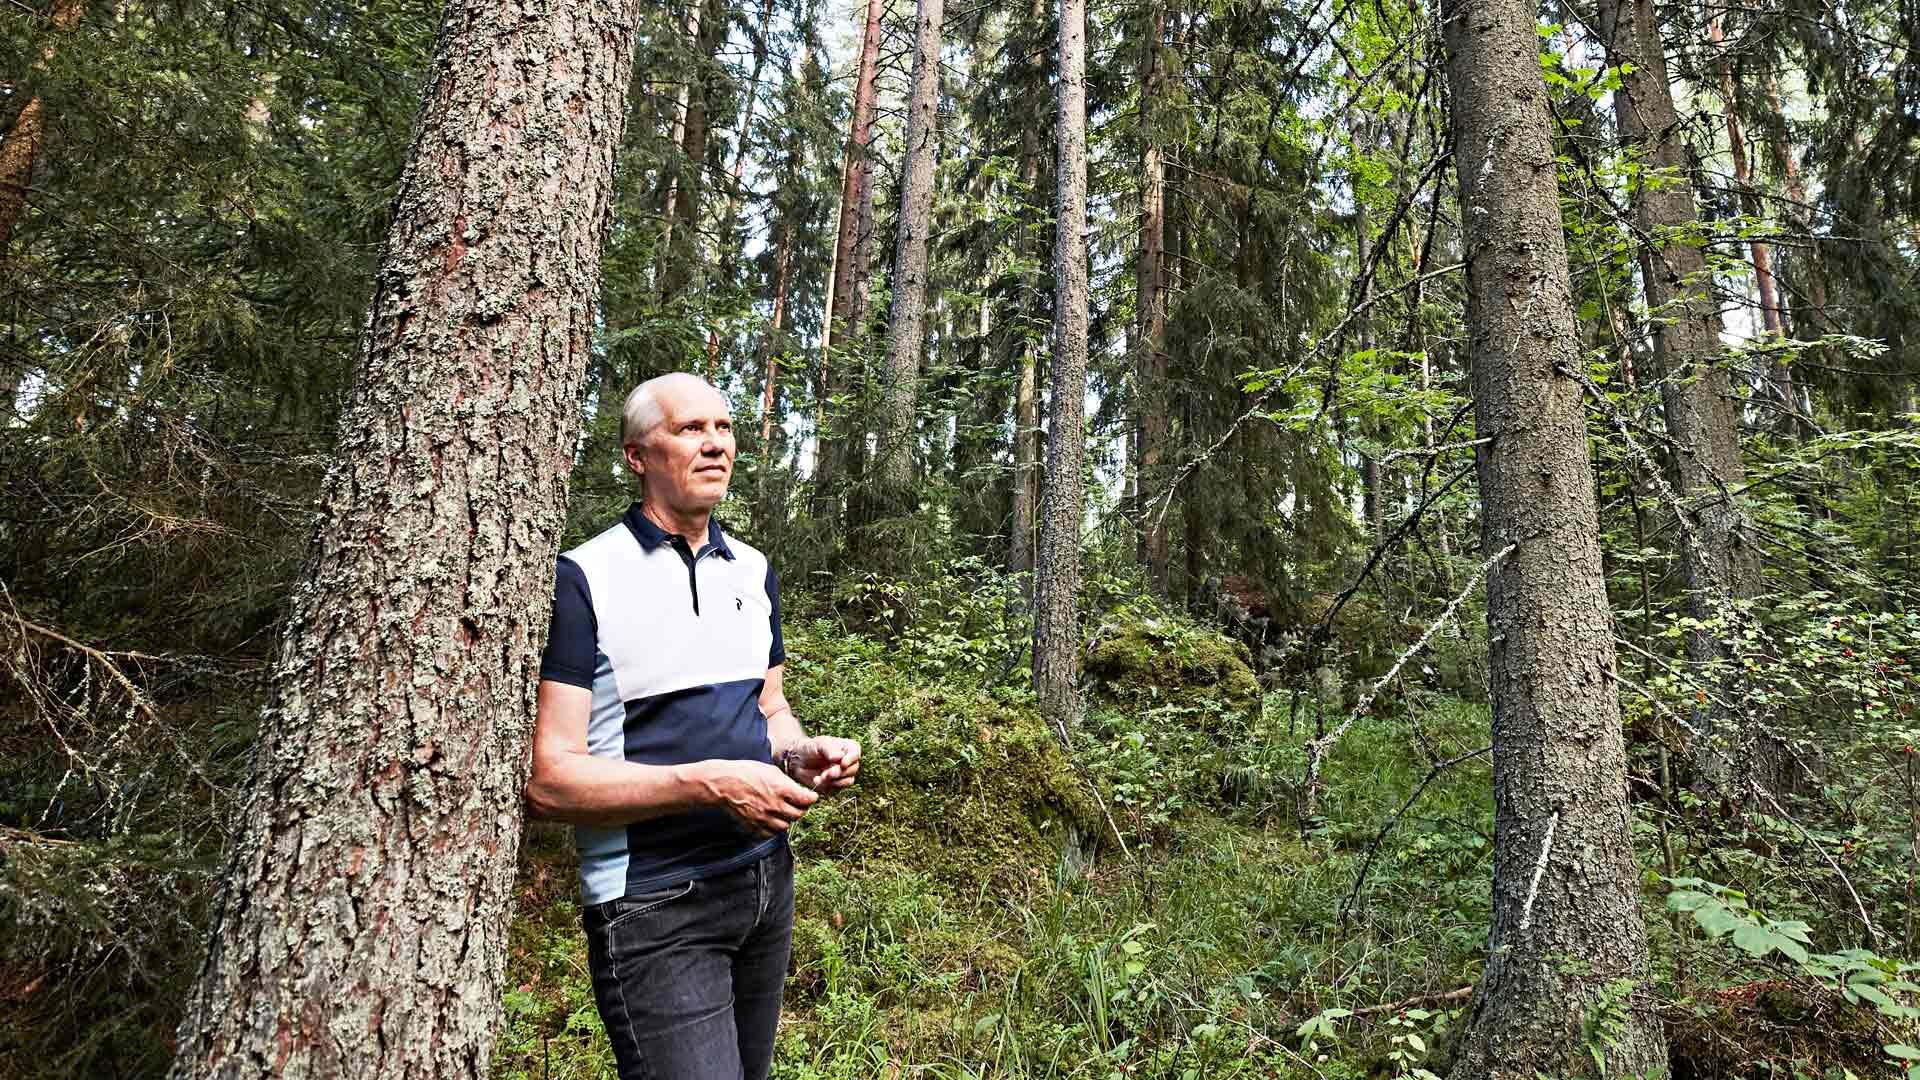 Timo Kujala